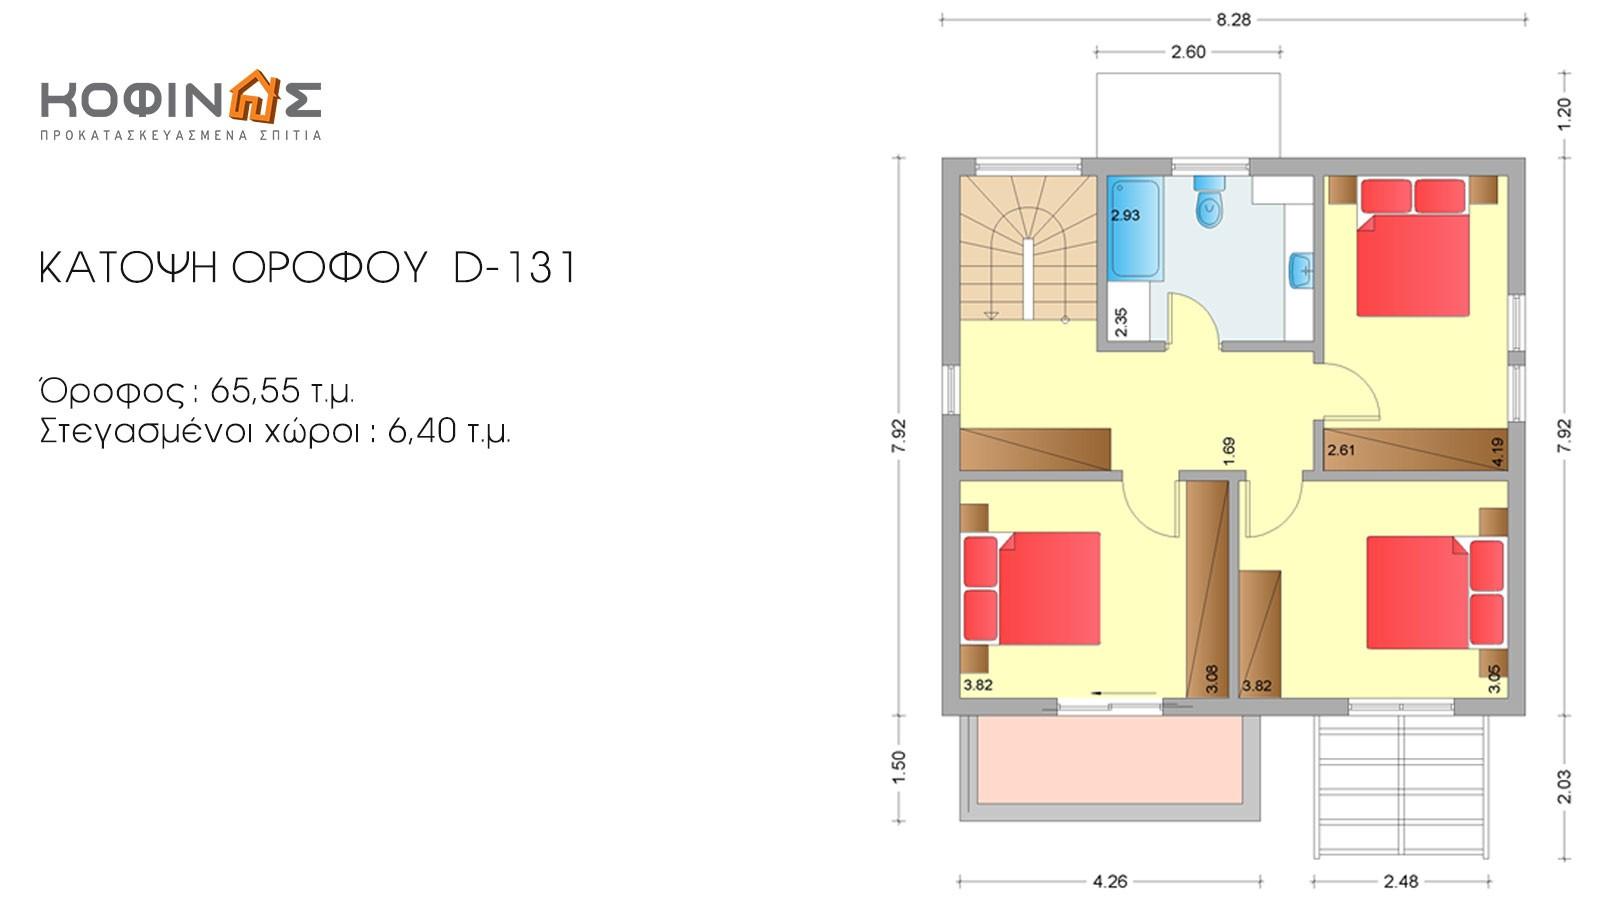 Διώροφη Κατοικία D-131, συνολικής επιφάνειας 131,10 τ.μ.